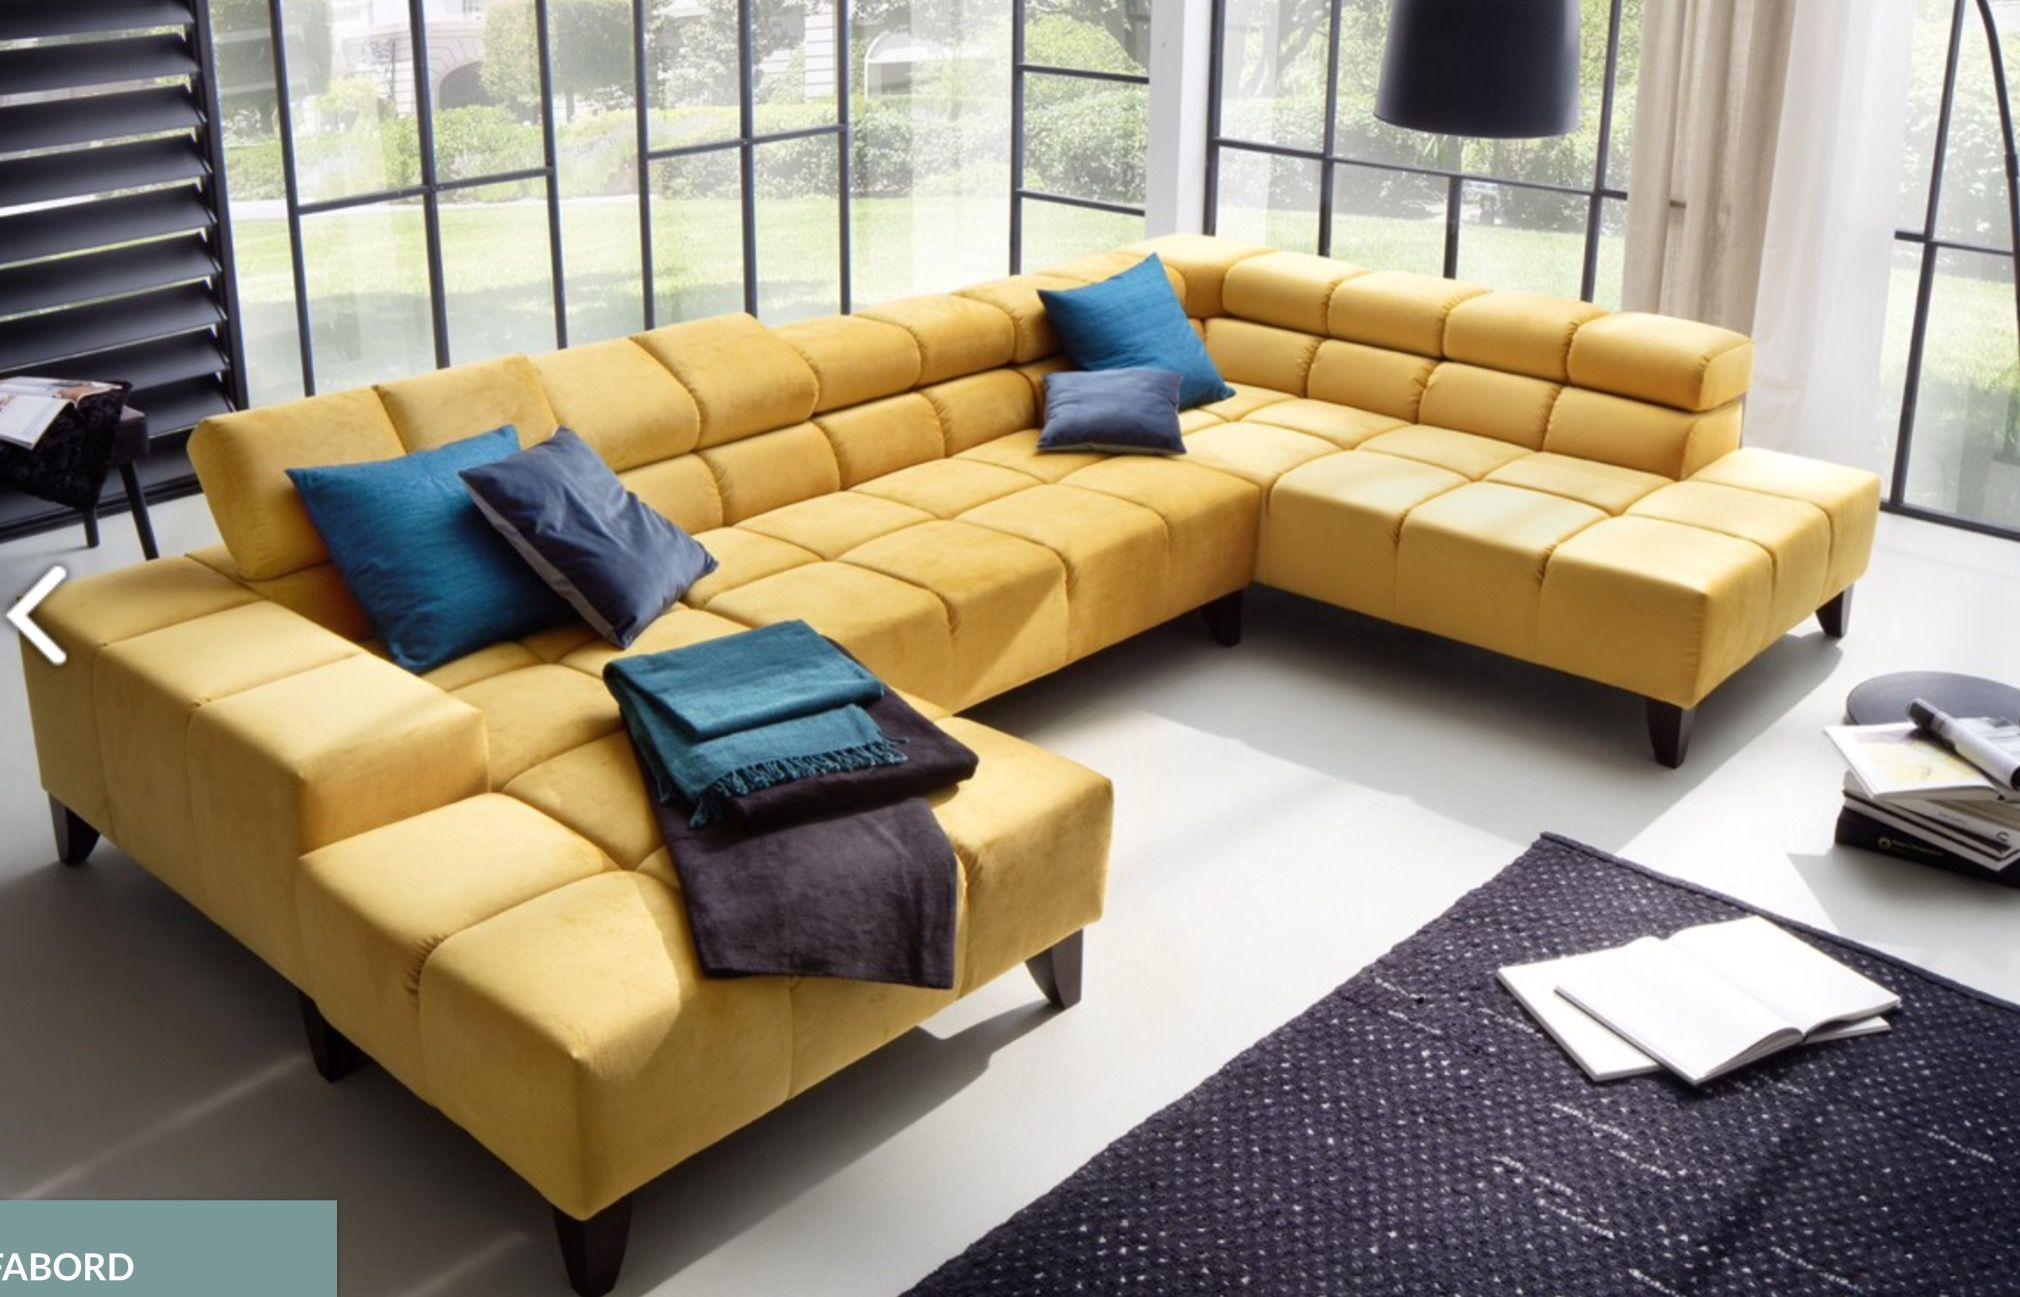 Full Size of Indomo Sofa Leder Mit Schlaffunktion Federkern Auf Raten Günstig Kaufen Big Kolonialstil Echtleder Kleines Relaxfunktion Elektrisch Holzfüßen Dauerschläfer Sofa Indomo Sofa